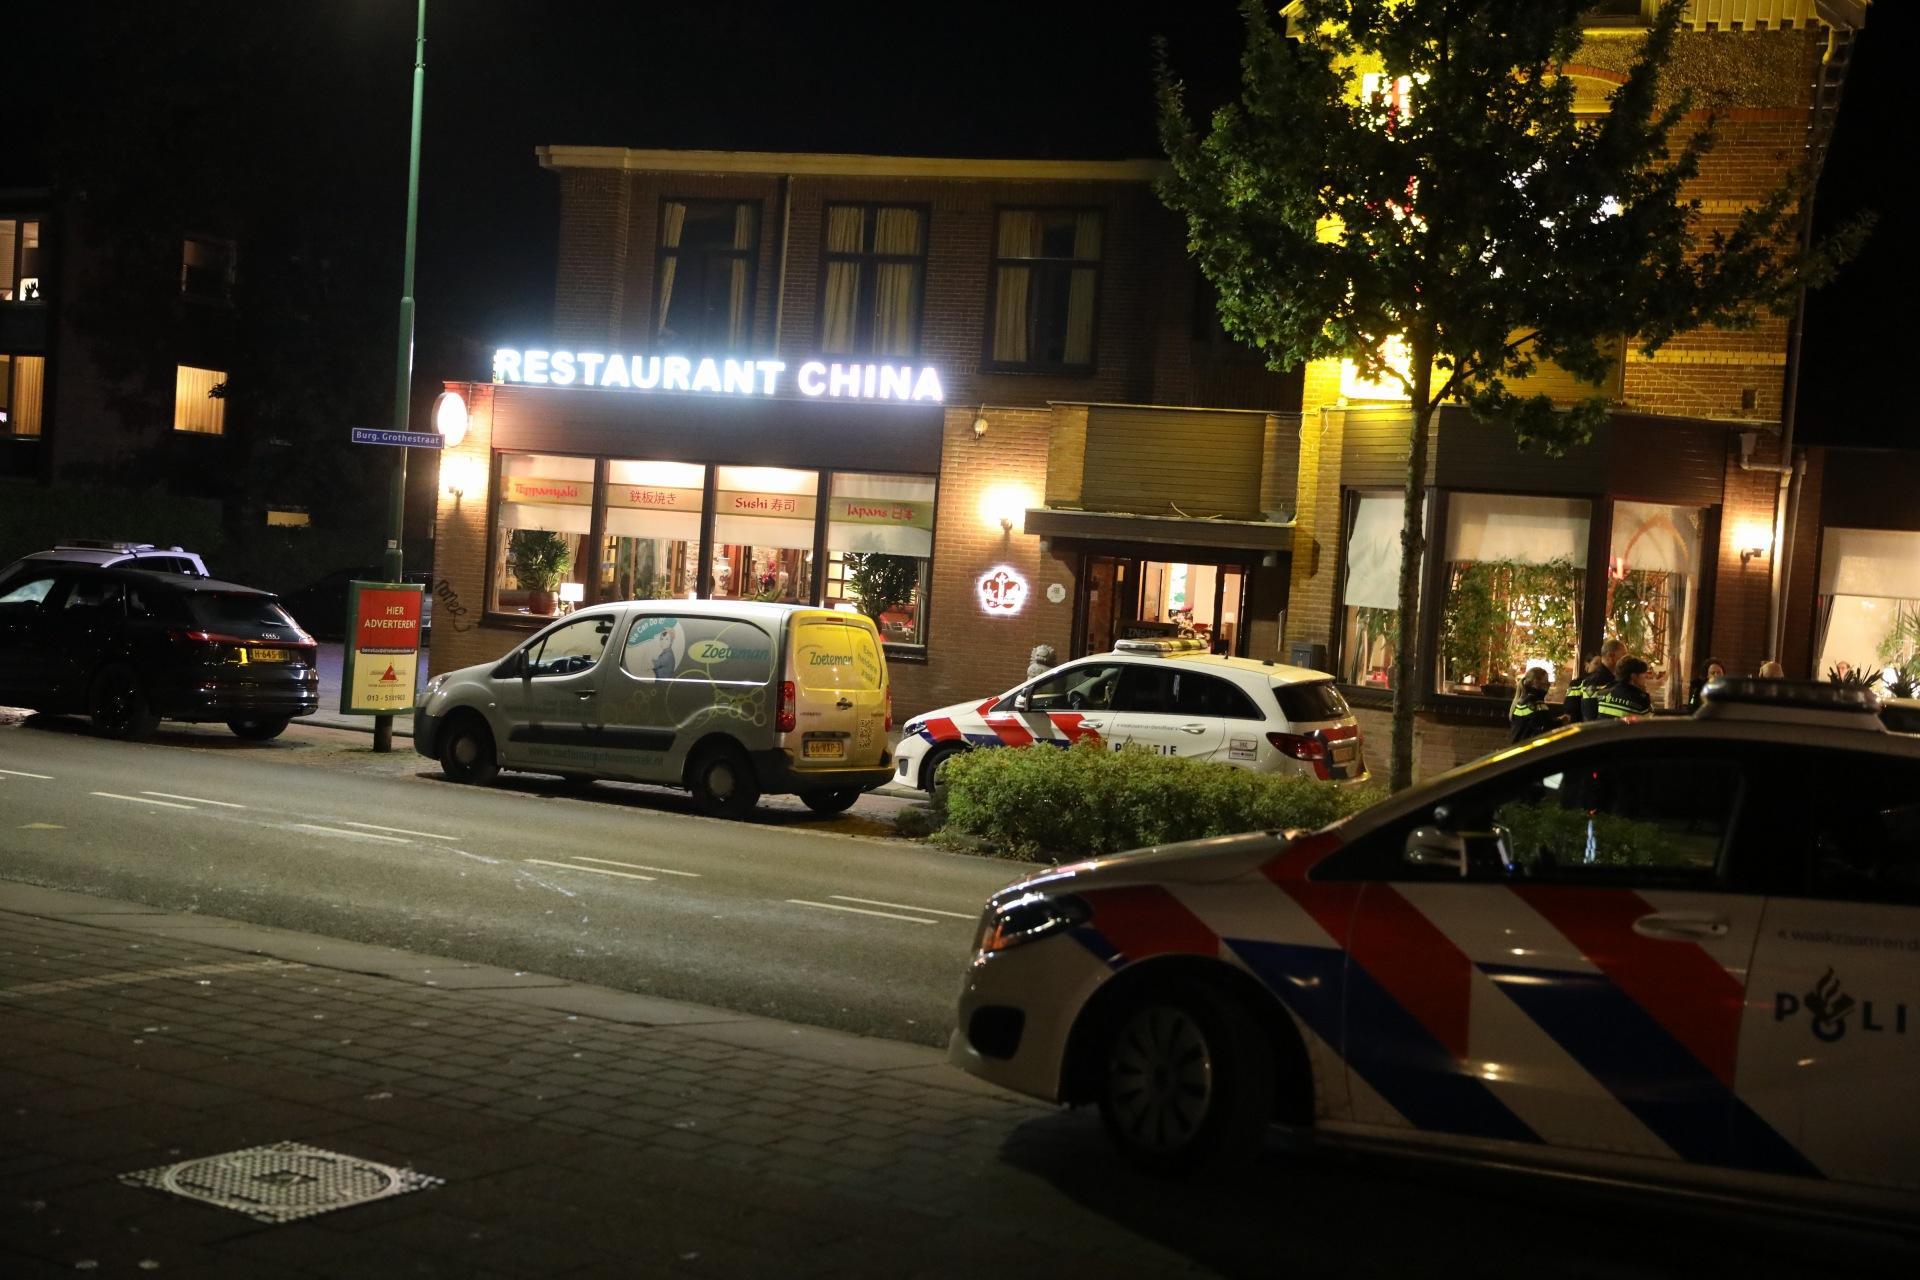 Inbrekers proberen op brutale wijze restaurant in Soest binnen te komen